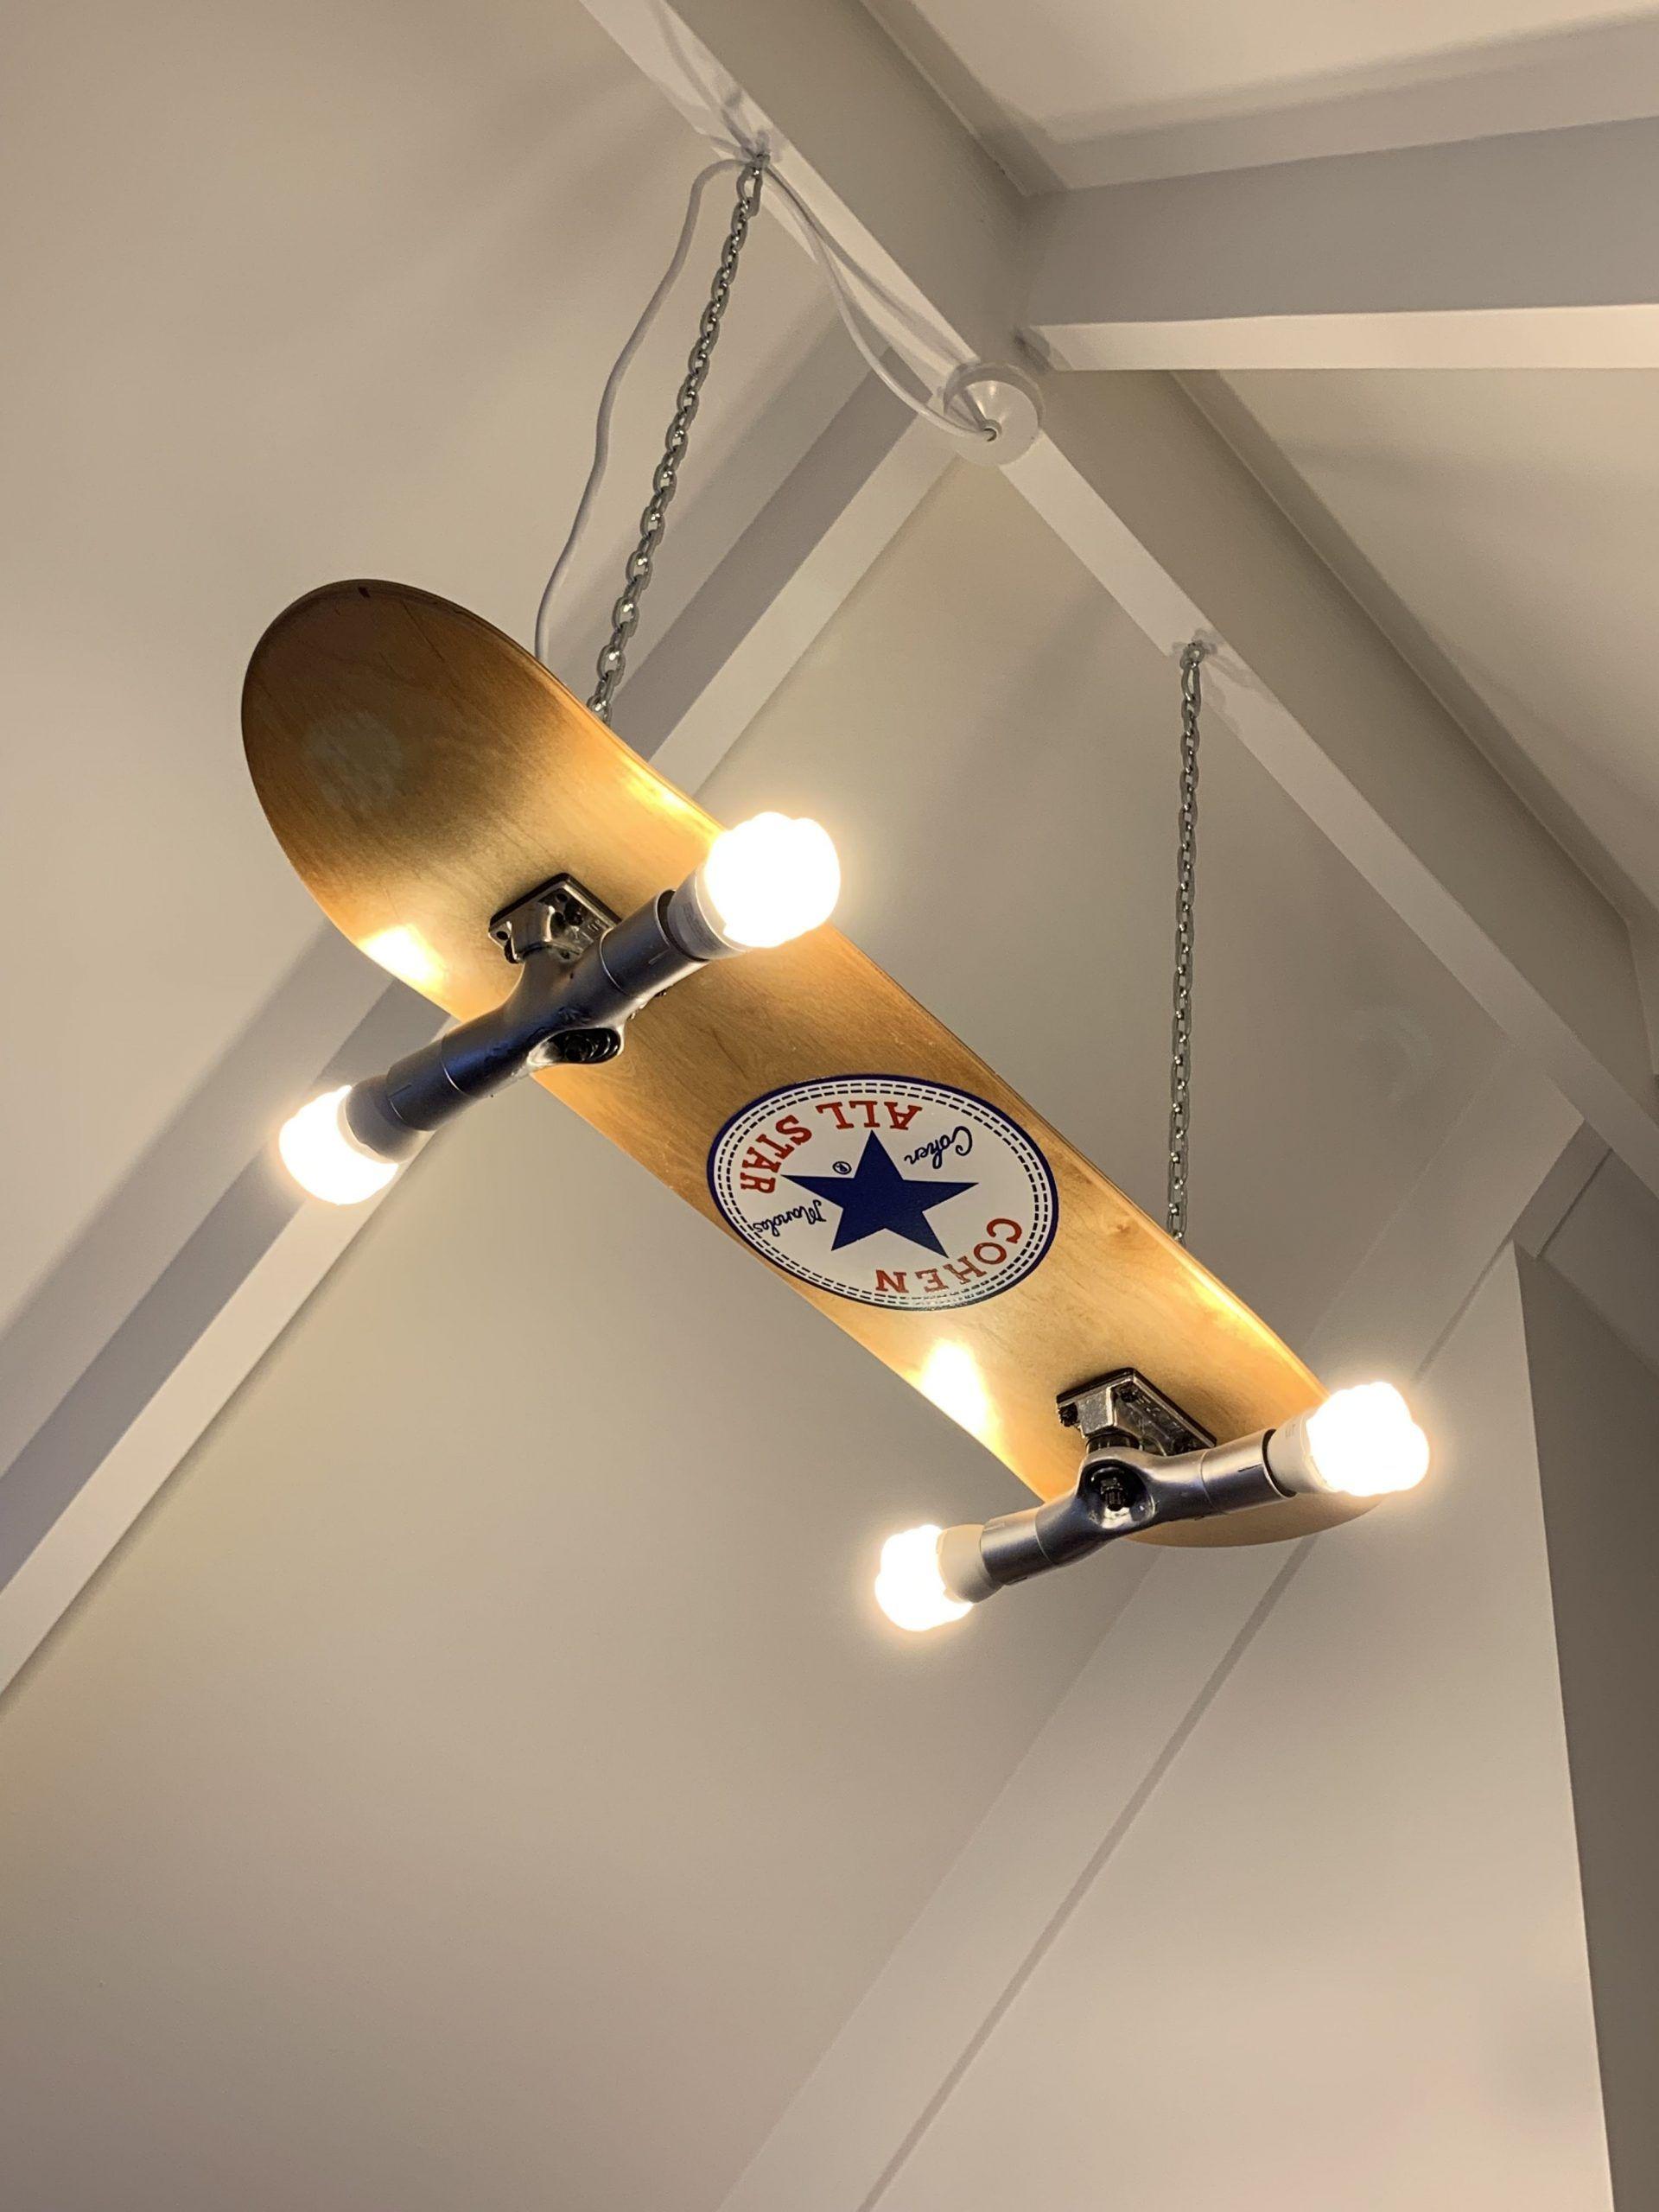 Custom madepainted skateboard light in 2020 | Vintage